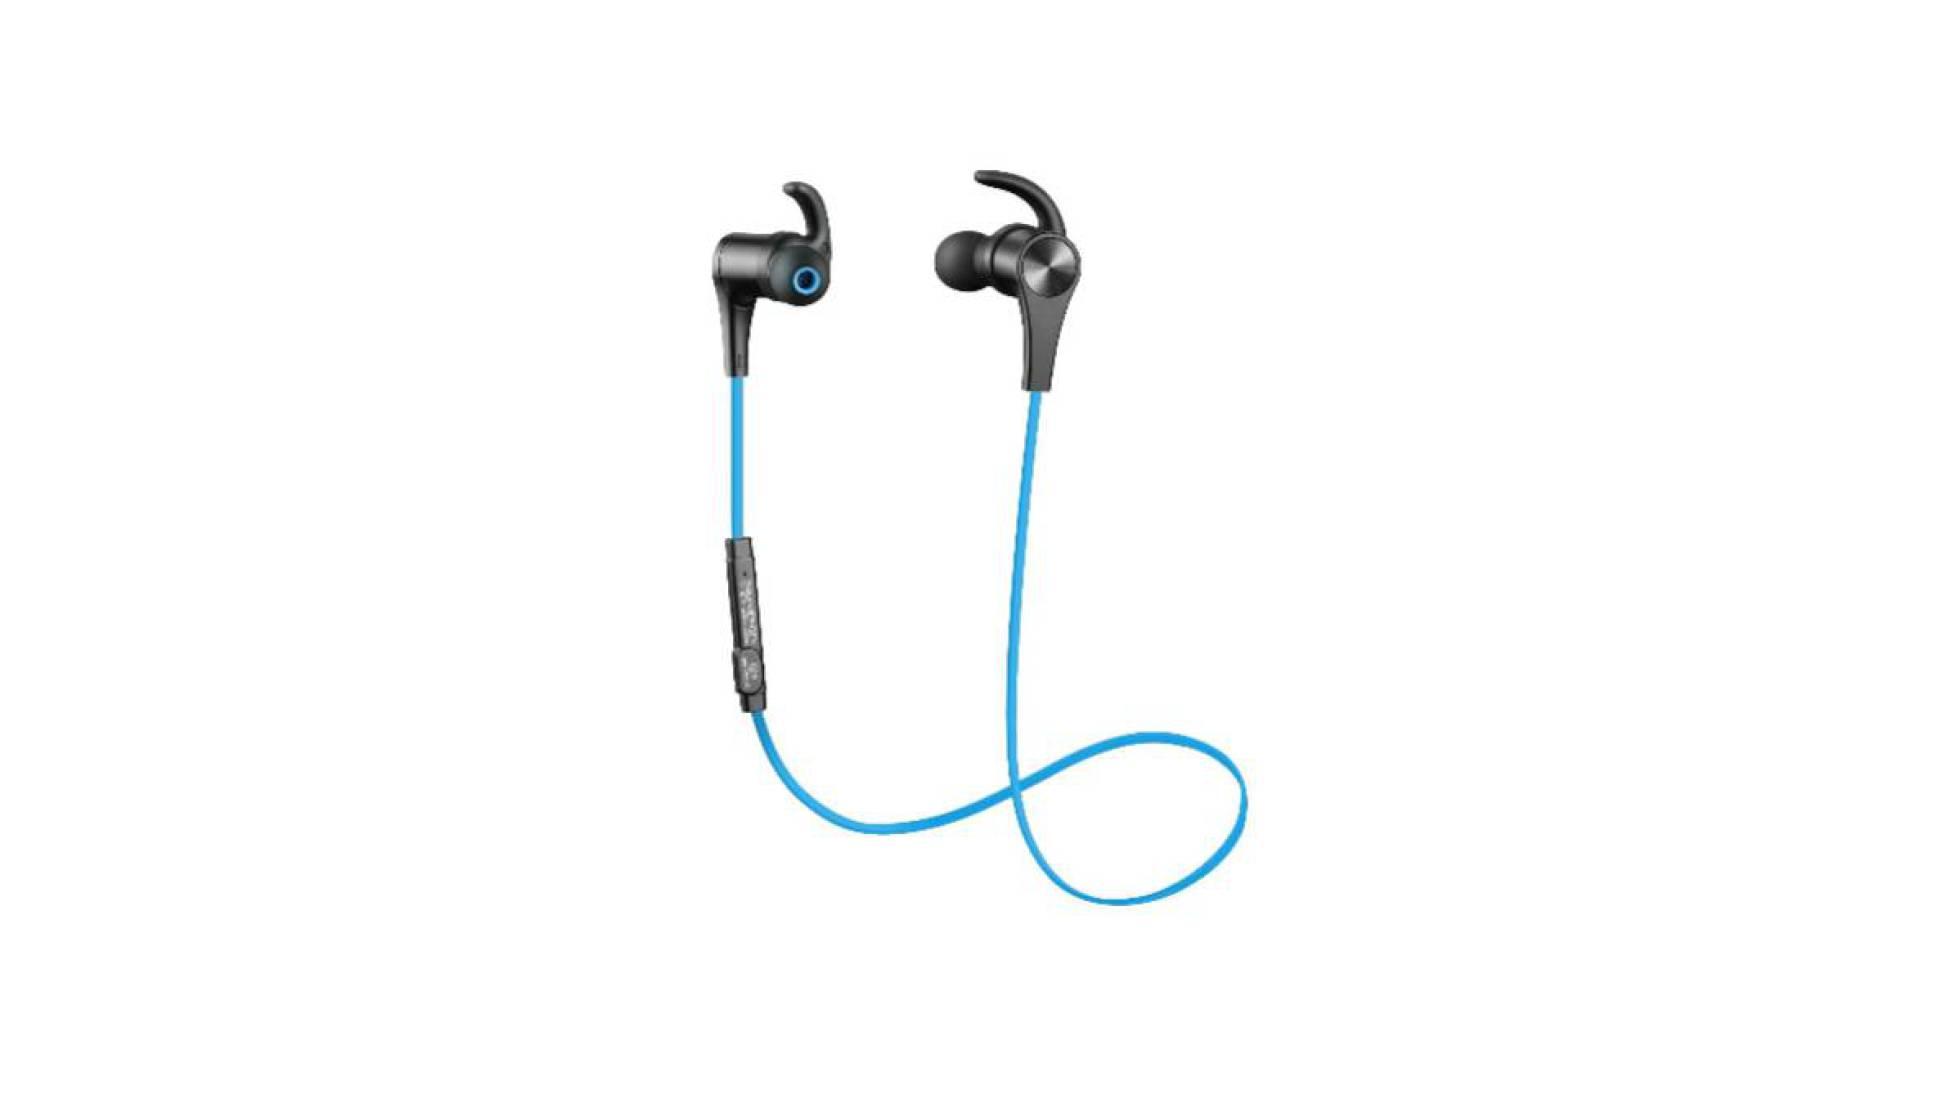 Auriculares SoundPEATS Bluetooth 4.1_Jean henriquez_blog_youtube_auriculares_amazon_sumario_normal_recorte1